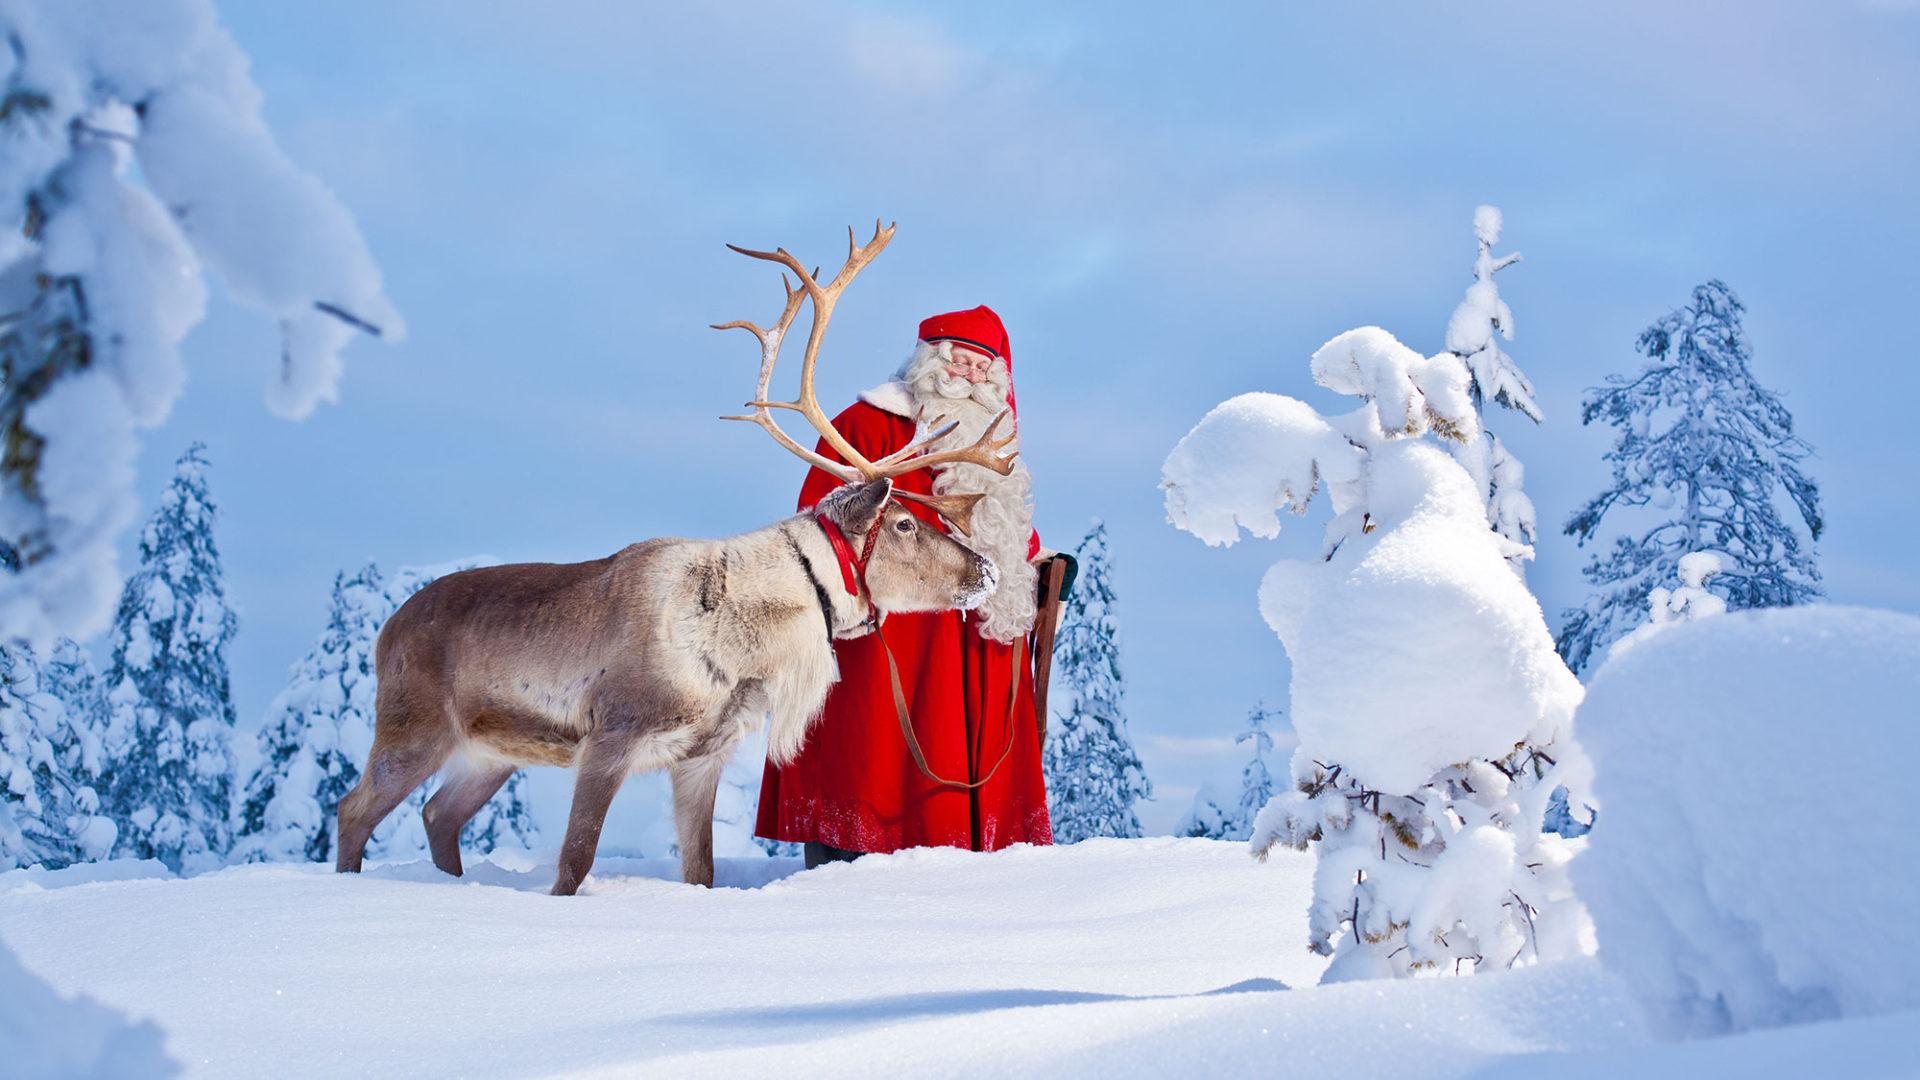 картинки деда мороза на северном полюсе желающих выращивать